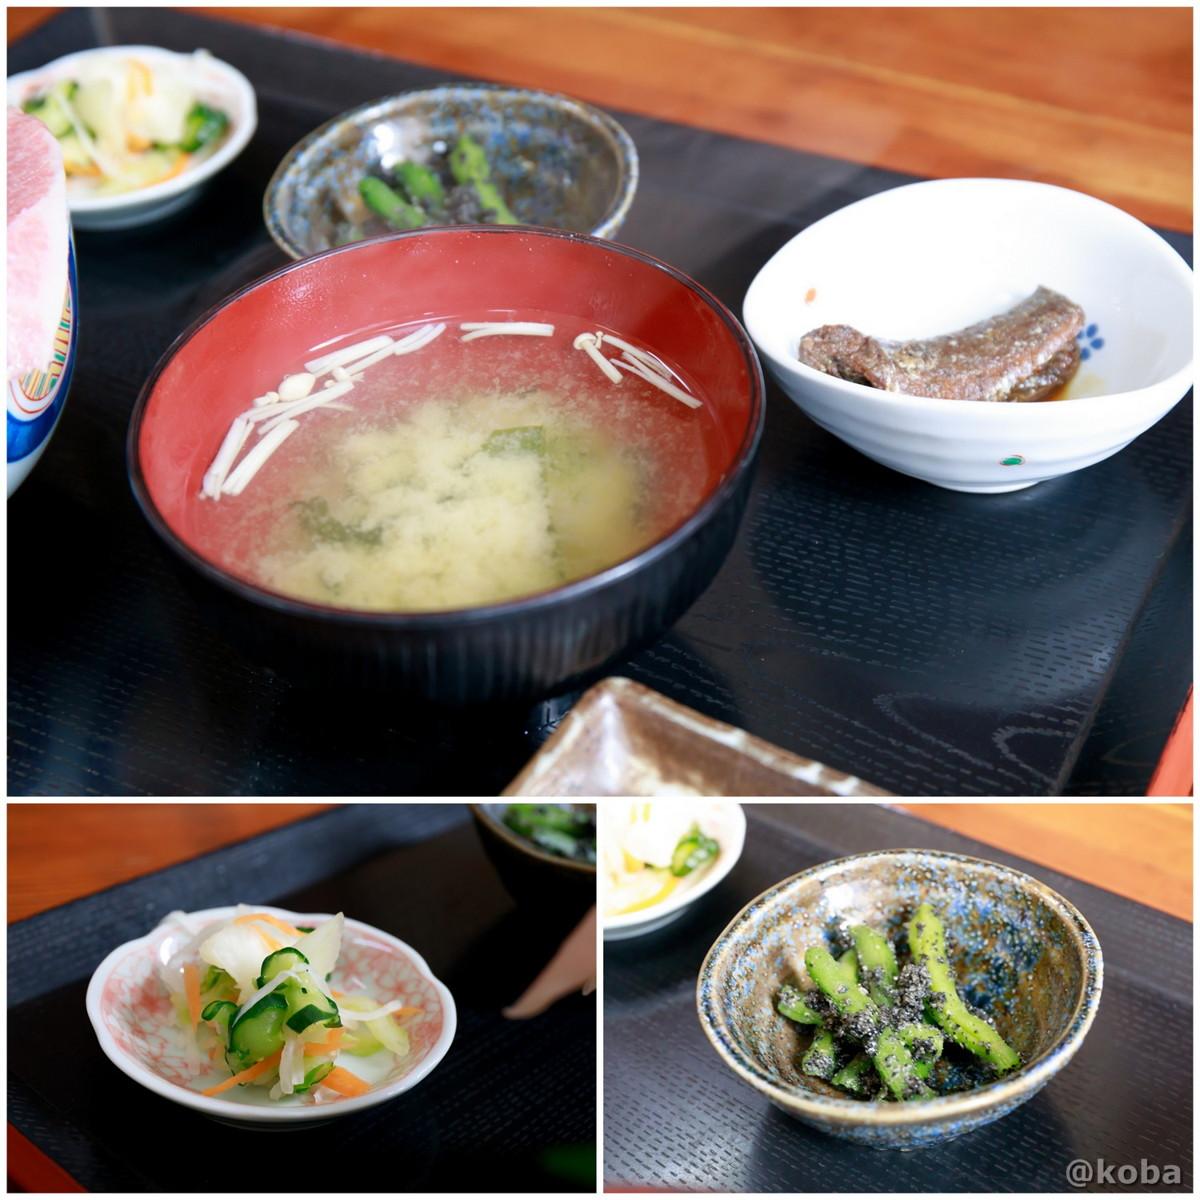 味噌汁 小鉢2皿 お新香 浜めし(はまめし) 食事処 銚子 ブログ